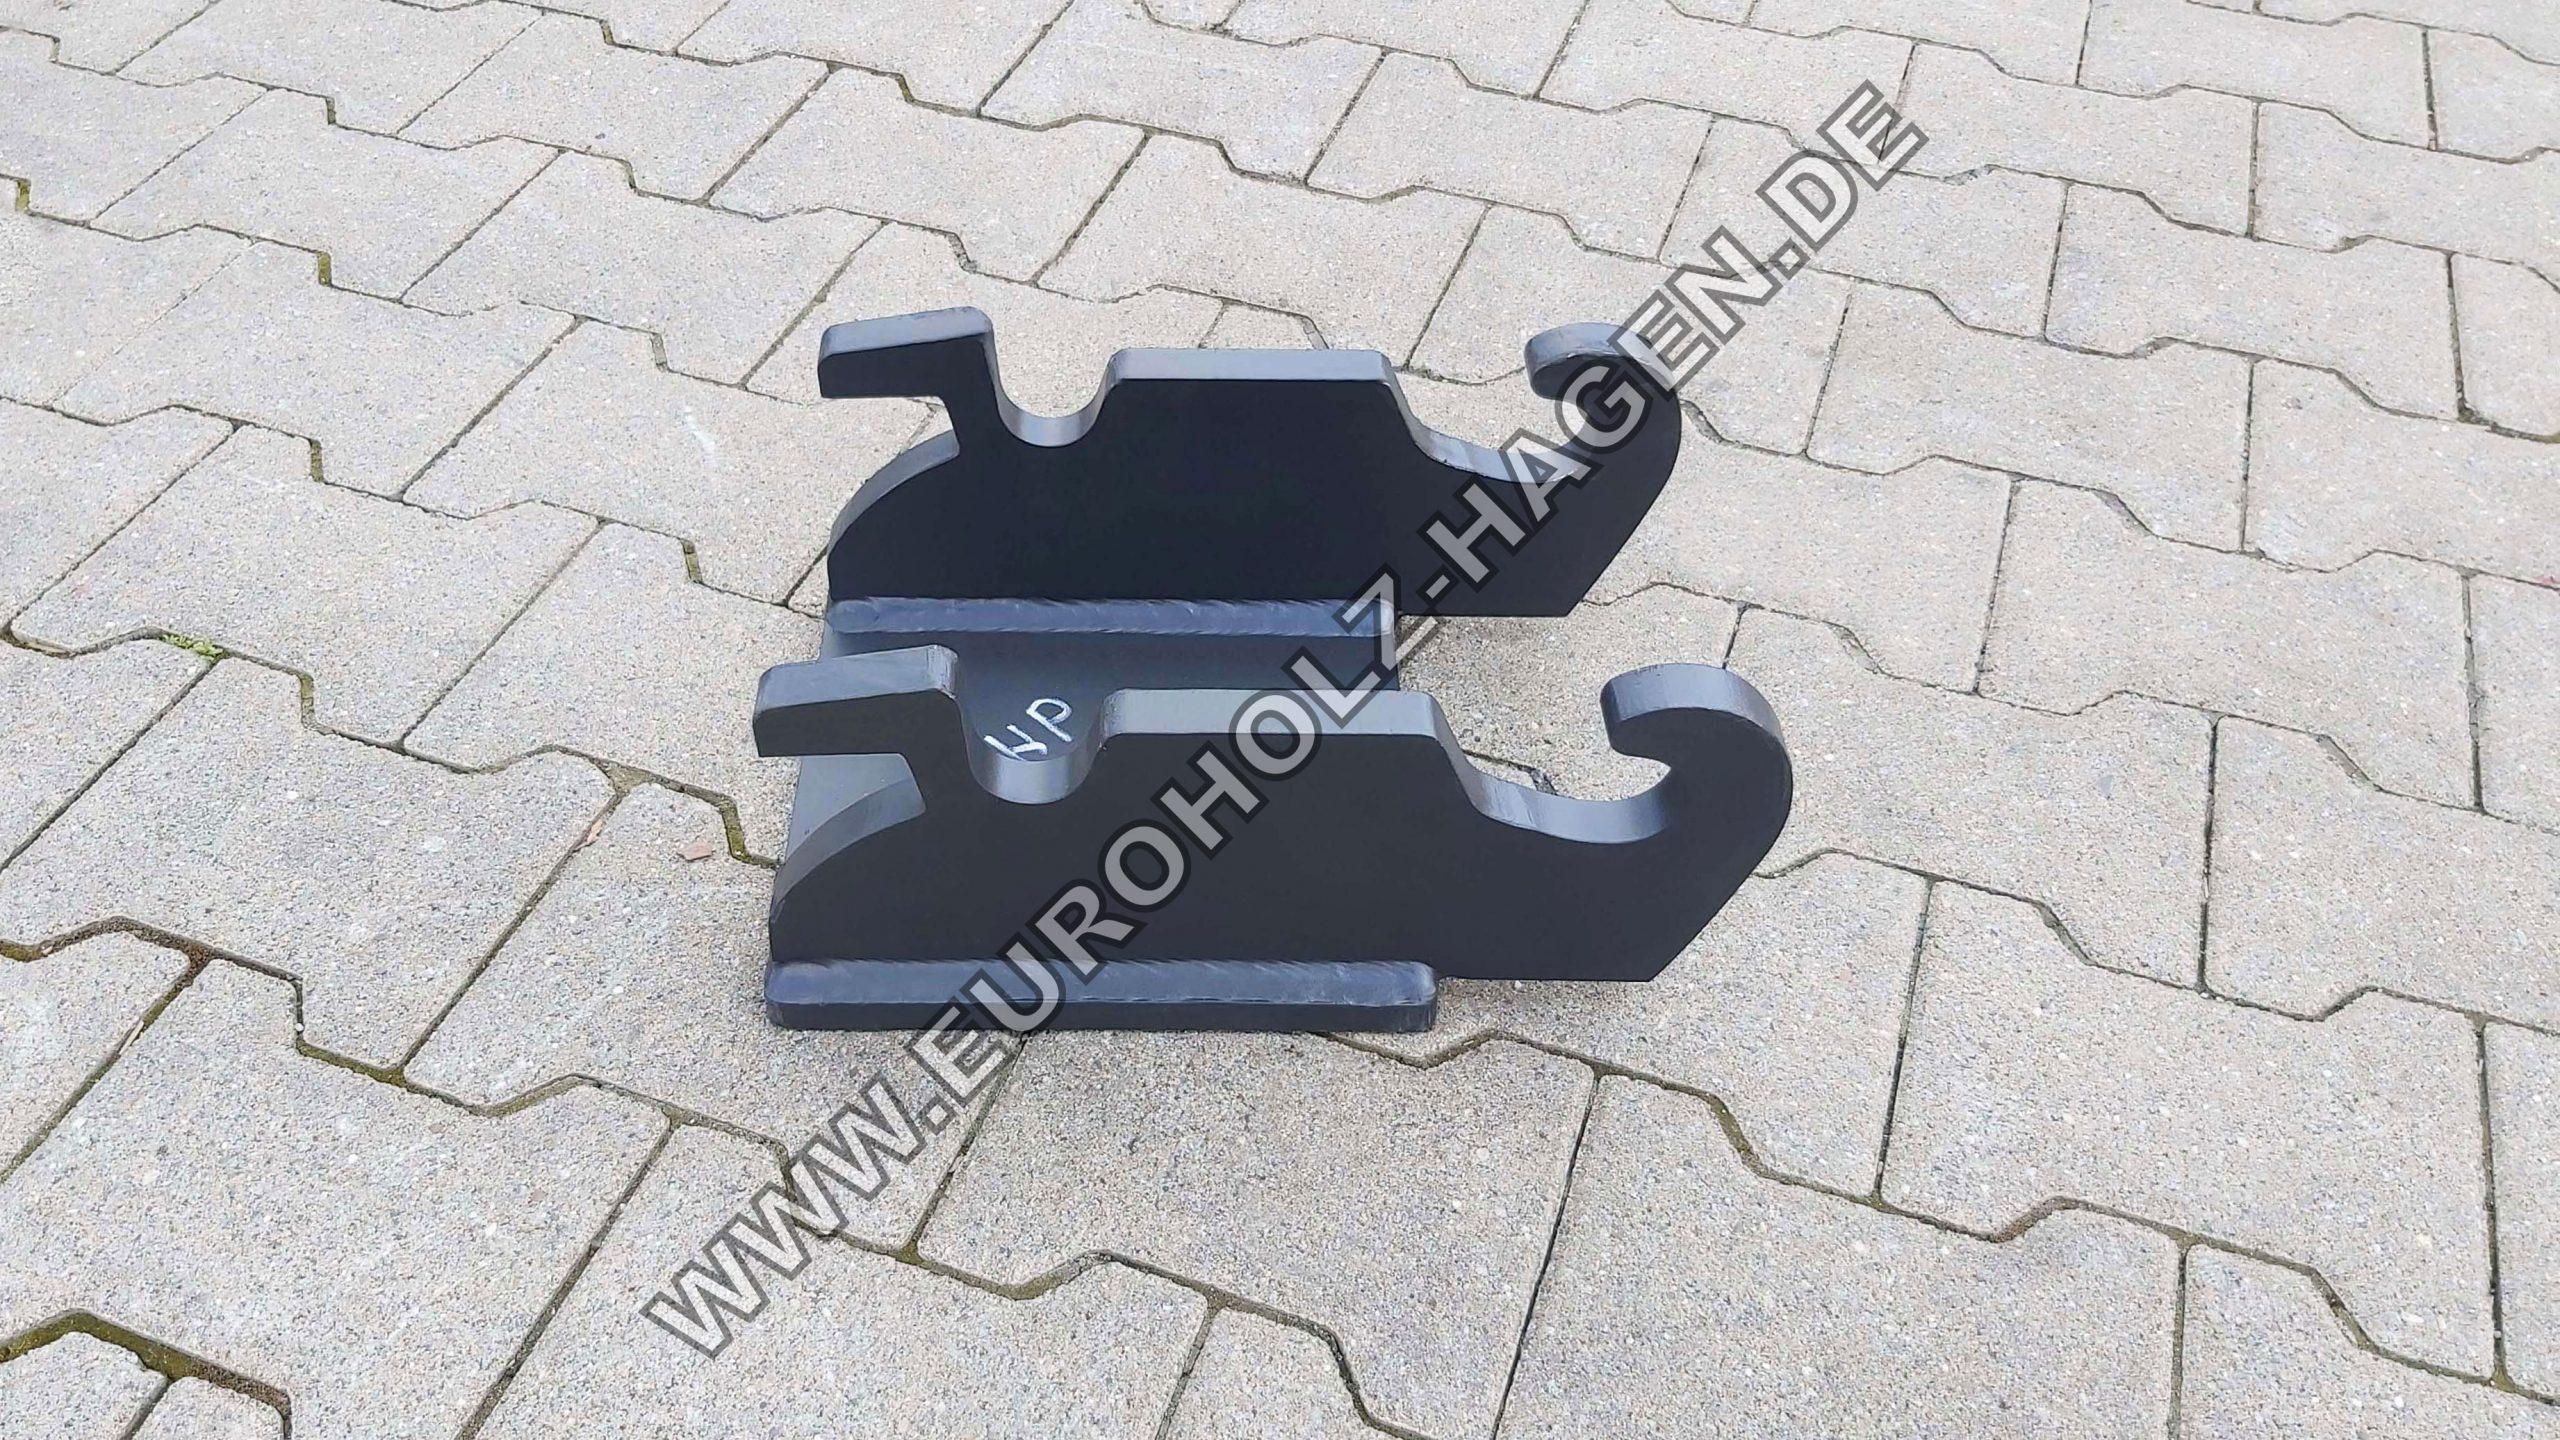 Hammerplatte CW05 CW Verachtert Hammerplatten Löffel Bagger Platte CW mit Boden EH eh Euroholz